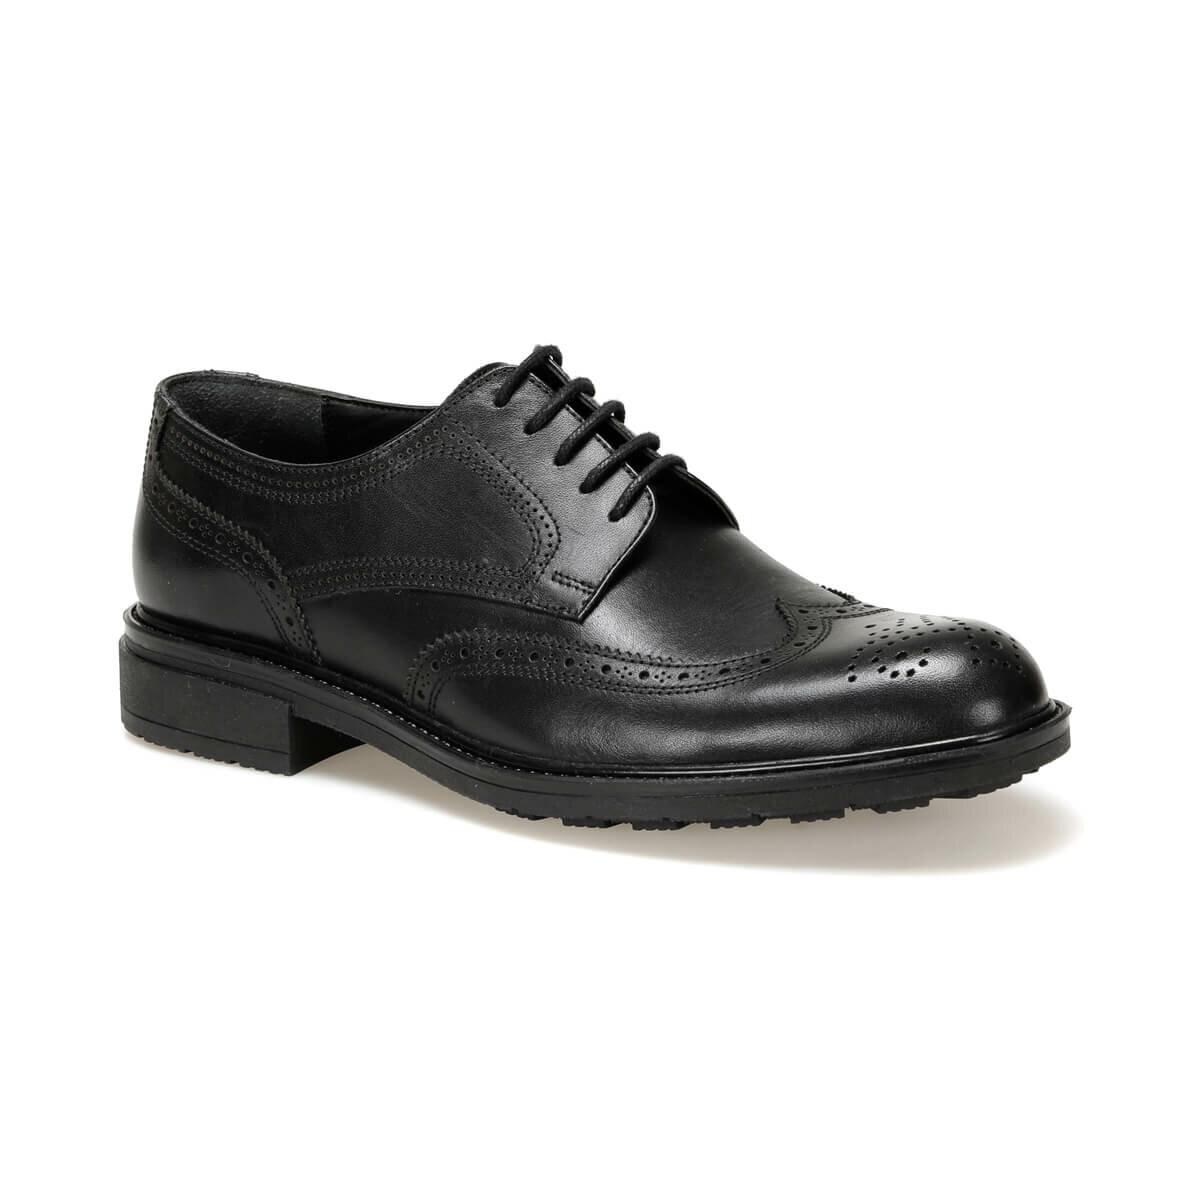 FLO LST-6 Black Men 'S Classic Shoes Garamond